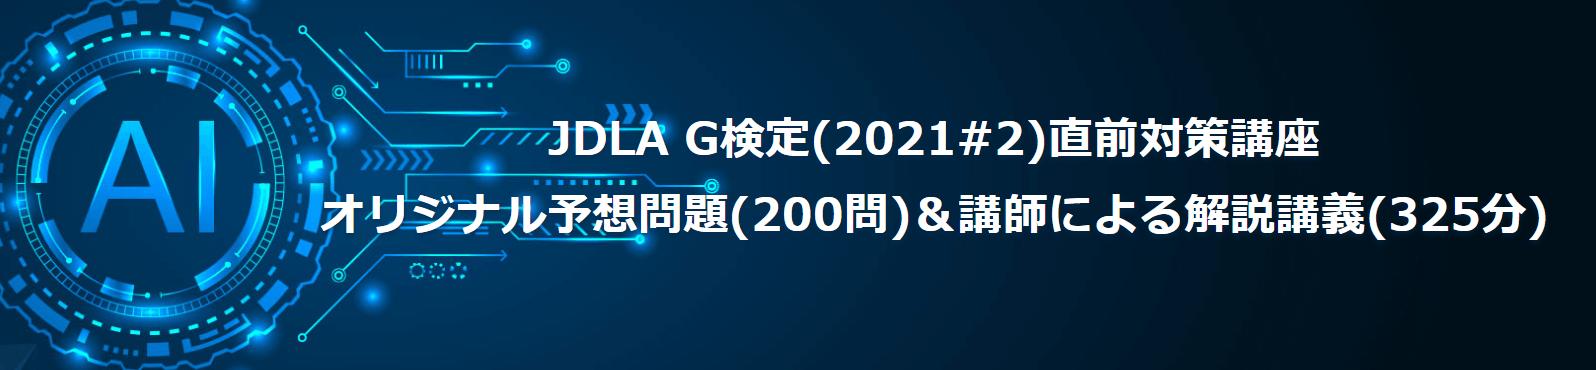 AIジョブカレ:JDLA G検定直前対策講座